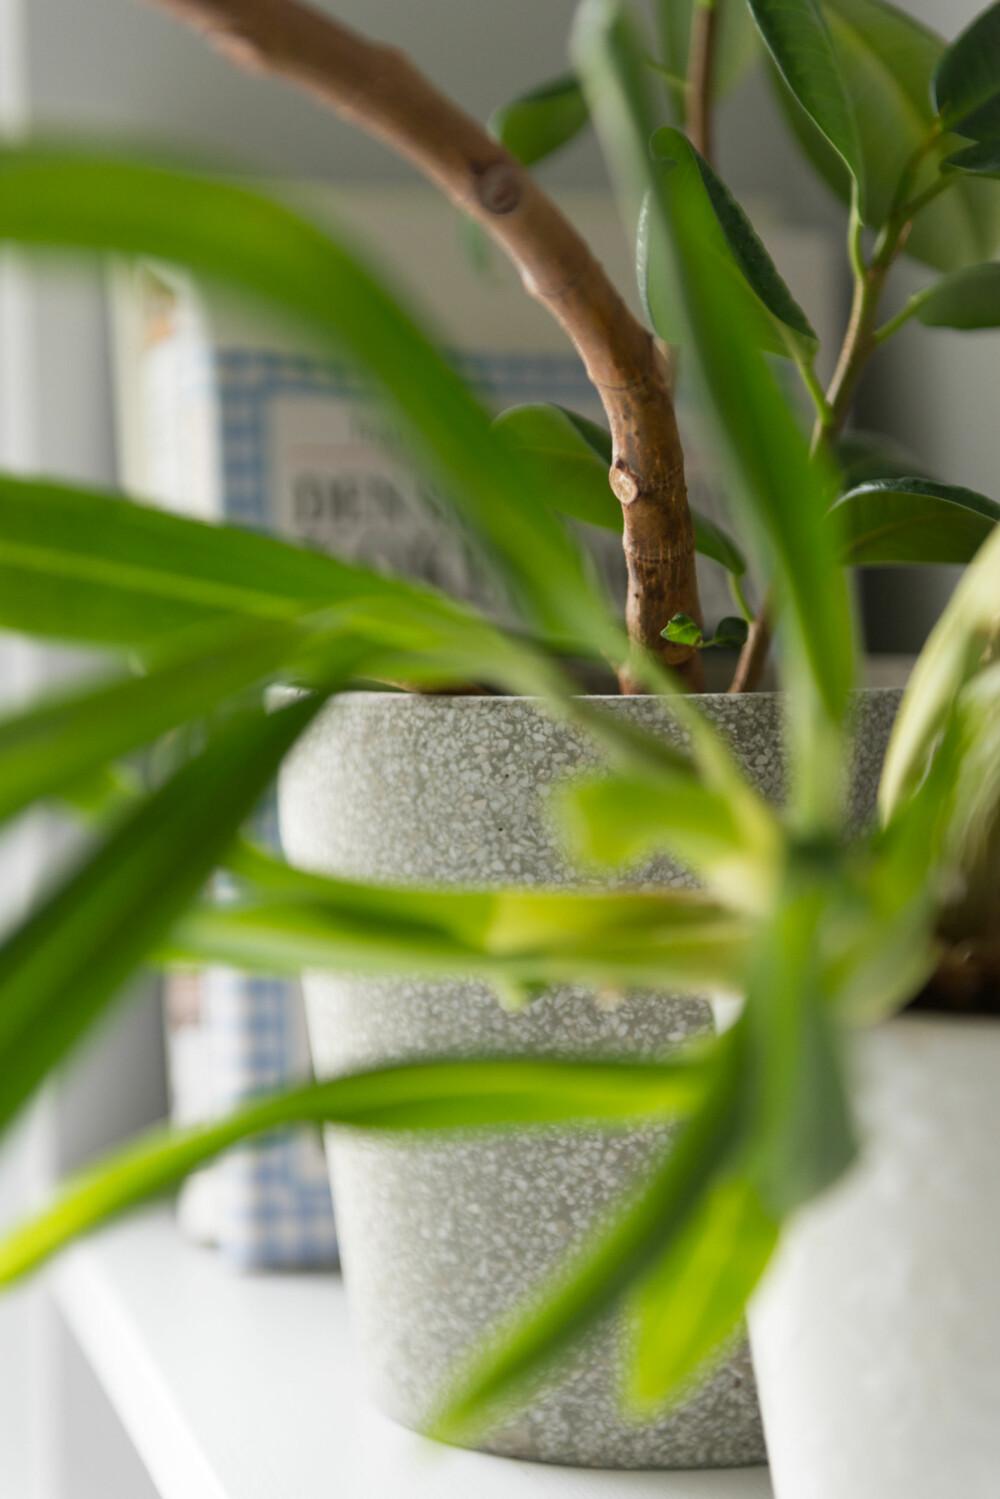 Grønt på hylla. Hylle ved vinduet. Hyllen på veggen til høyre benyttes til kokebøker og klorofyll.